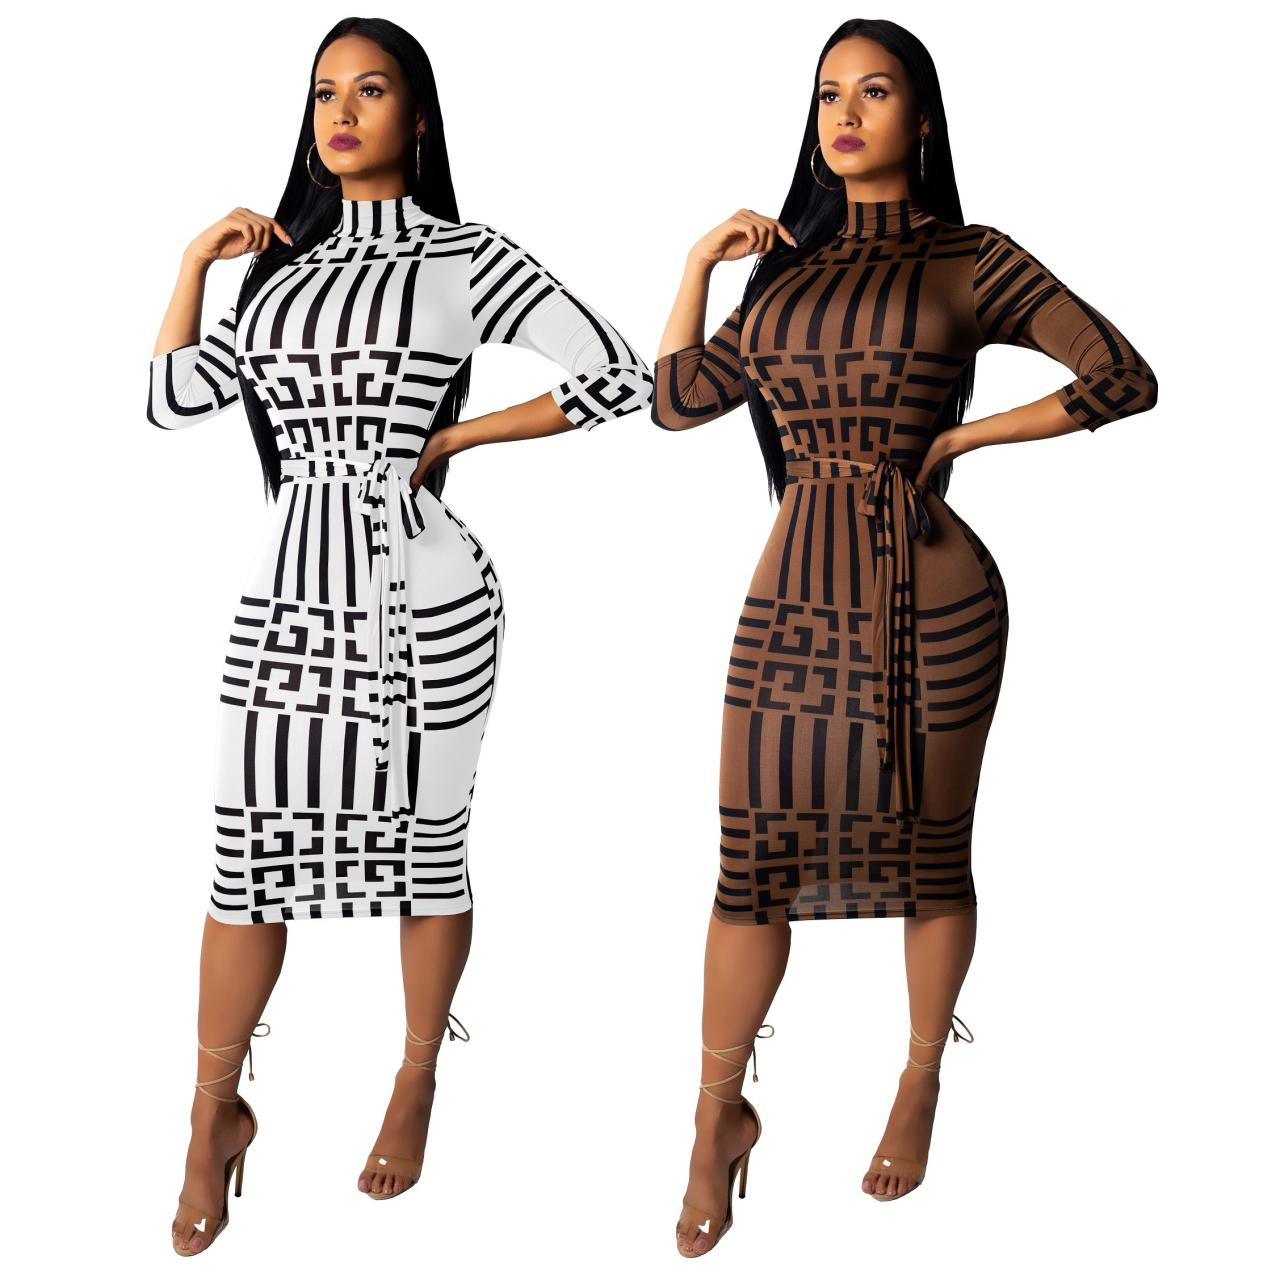 صورة ملابس نسائية 2019, أسس اختيار الملابس 4518 1